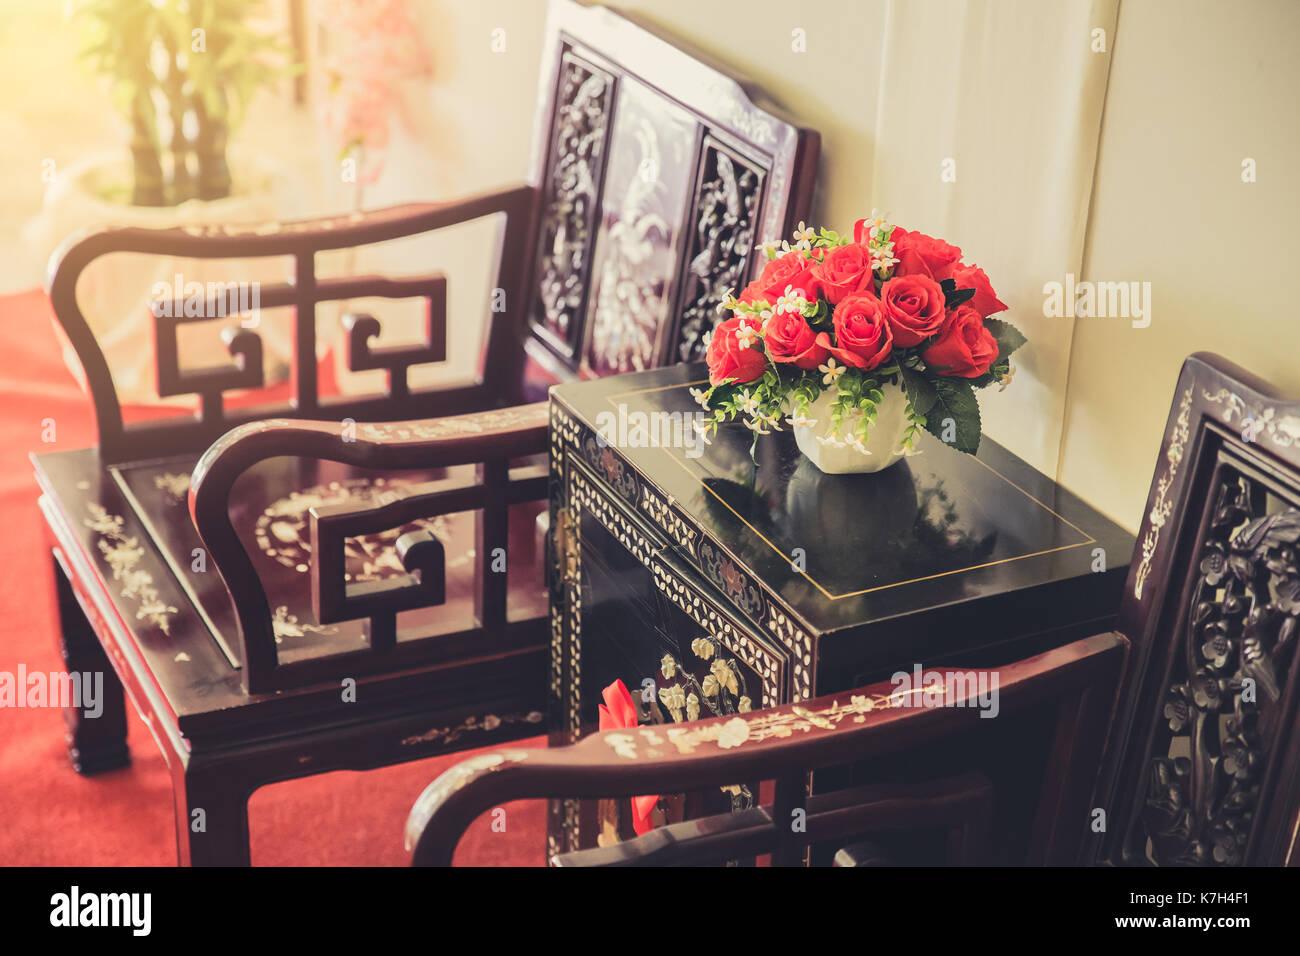 Meubles Décoration intérieure de style chinois. salon culture